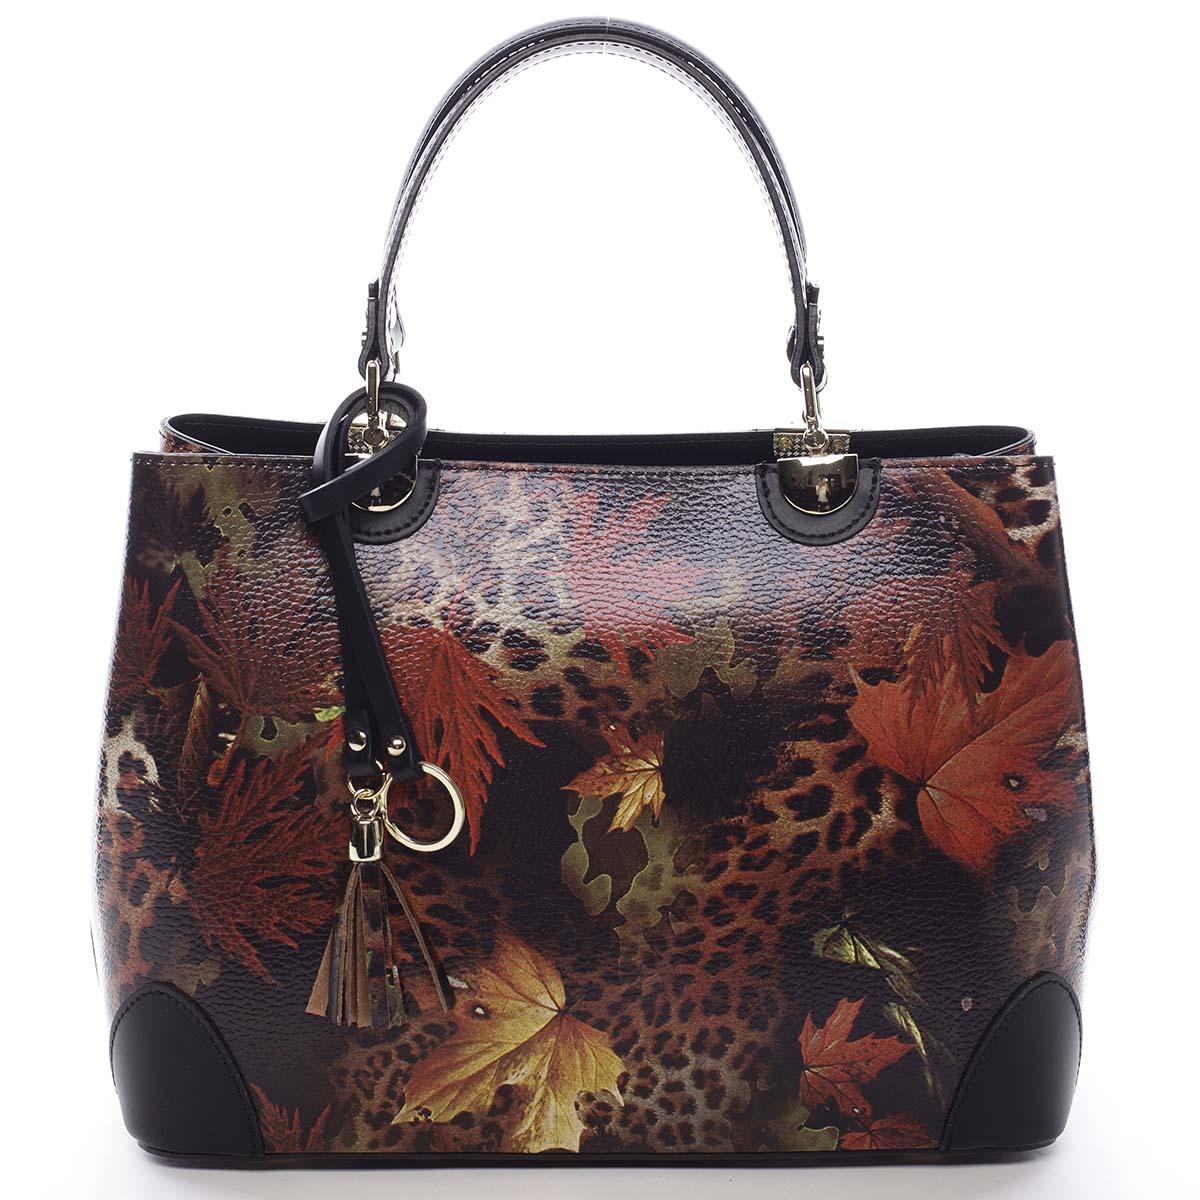 Originální dámská kožená kabelka podzimní černá - ItalY Mattie